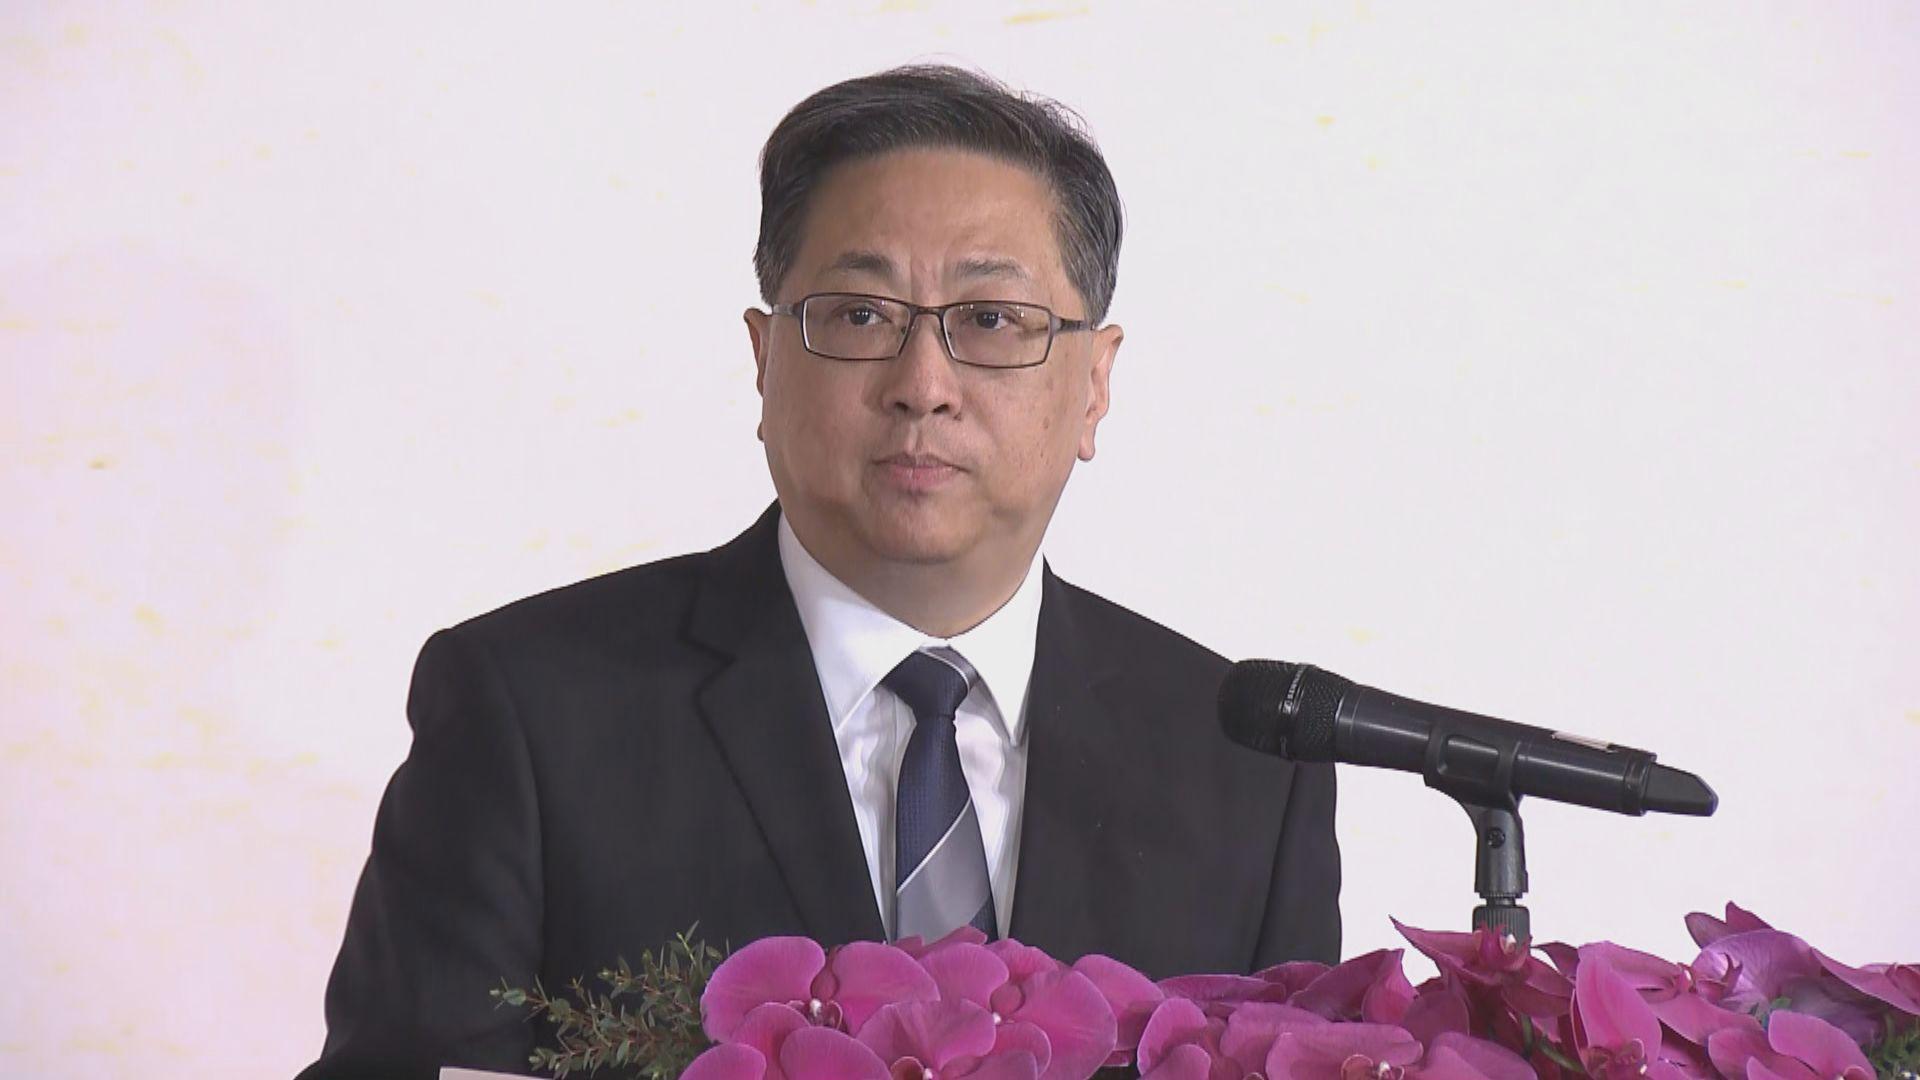 盧偉聰:港獨致社會內部不穩 影響社會安寧